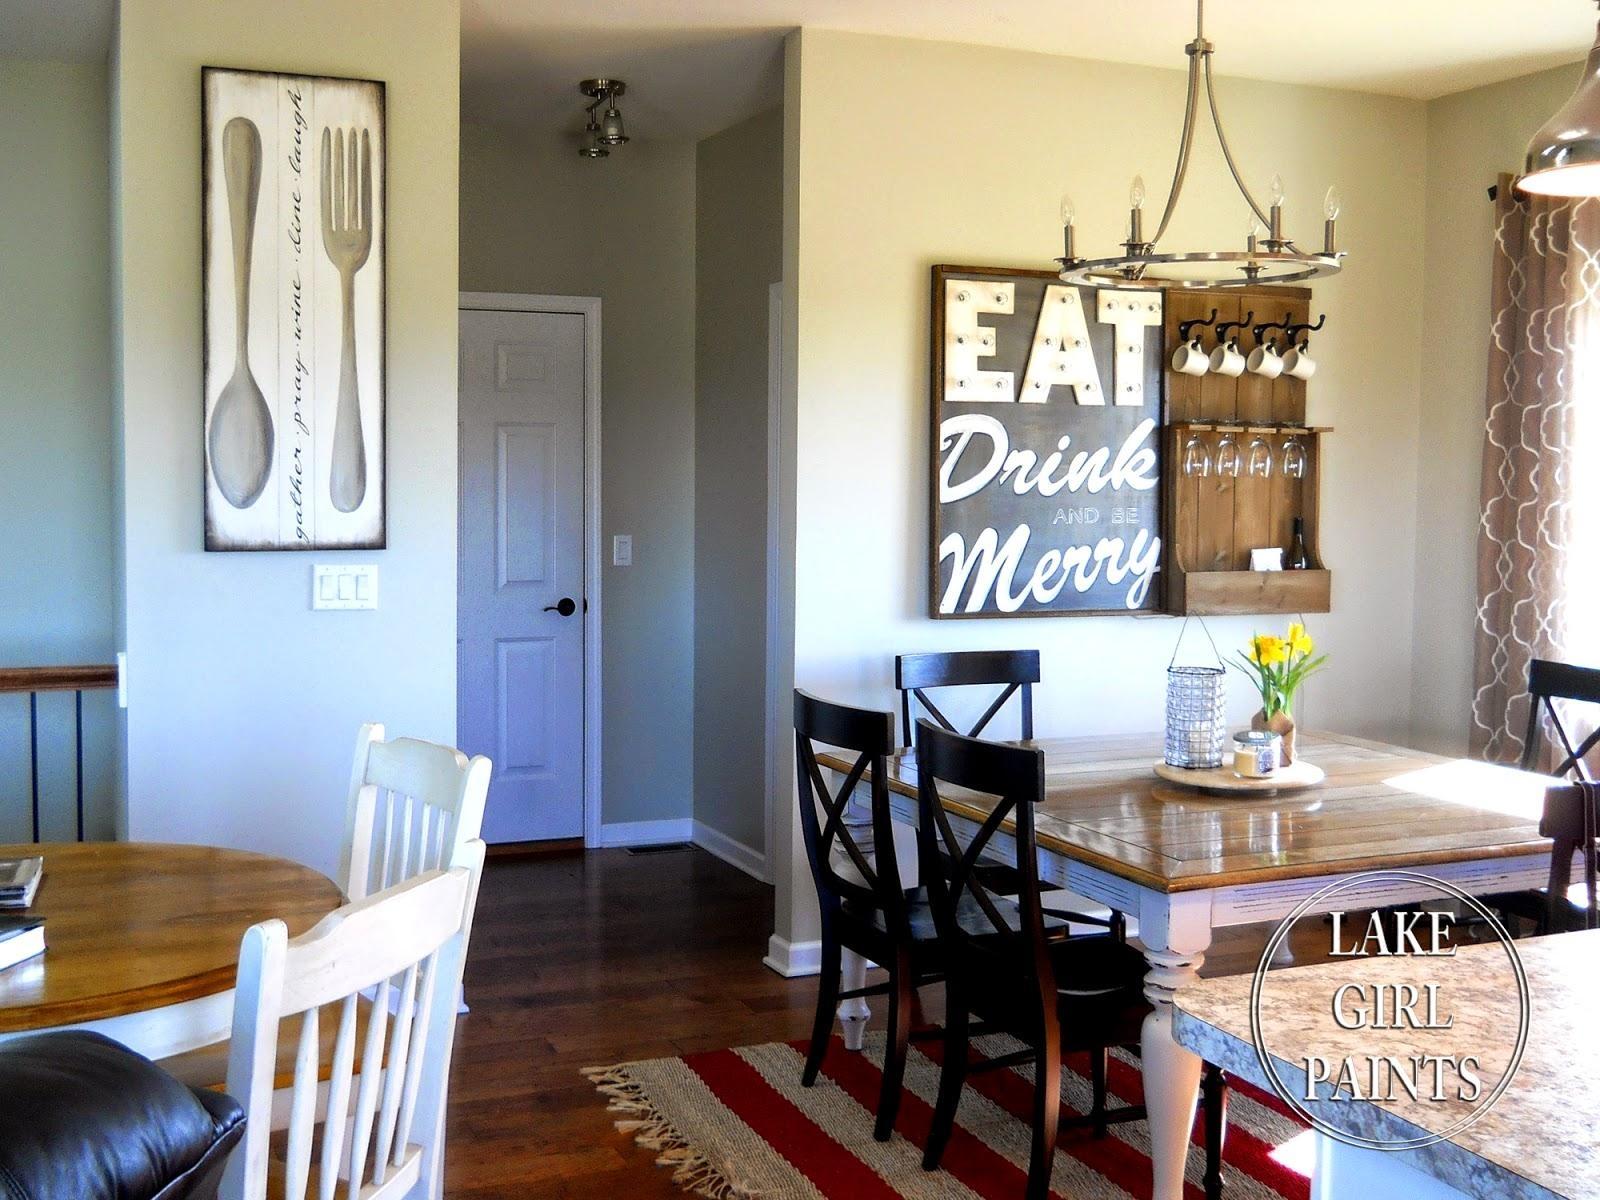 Framed Dining Room Wall Art : Dining Room Wall Art Ideas Intended For Dining Wall Art (Image 17 of 20)